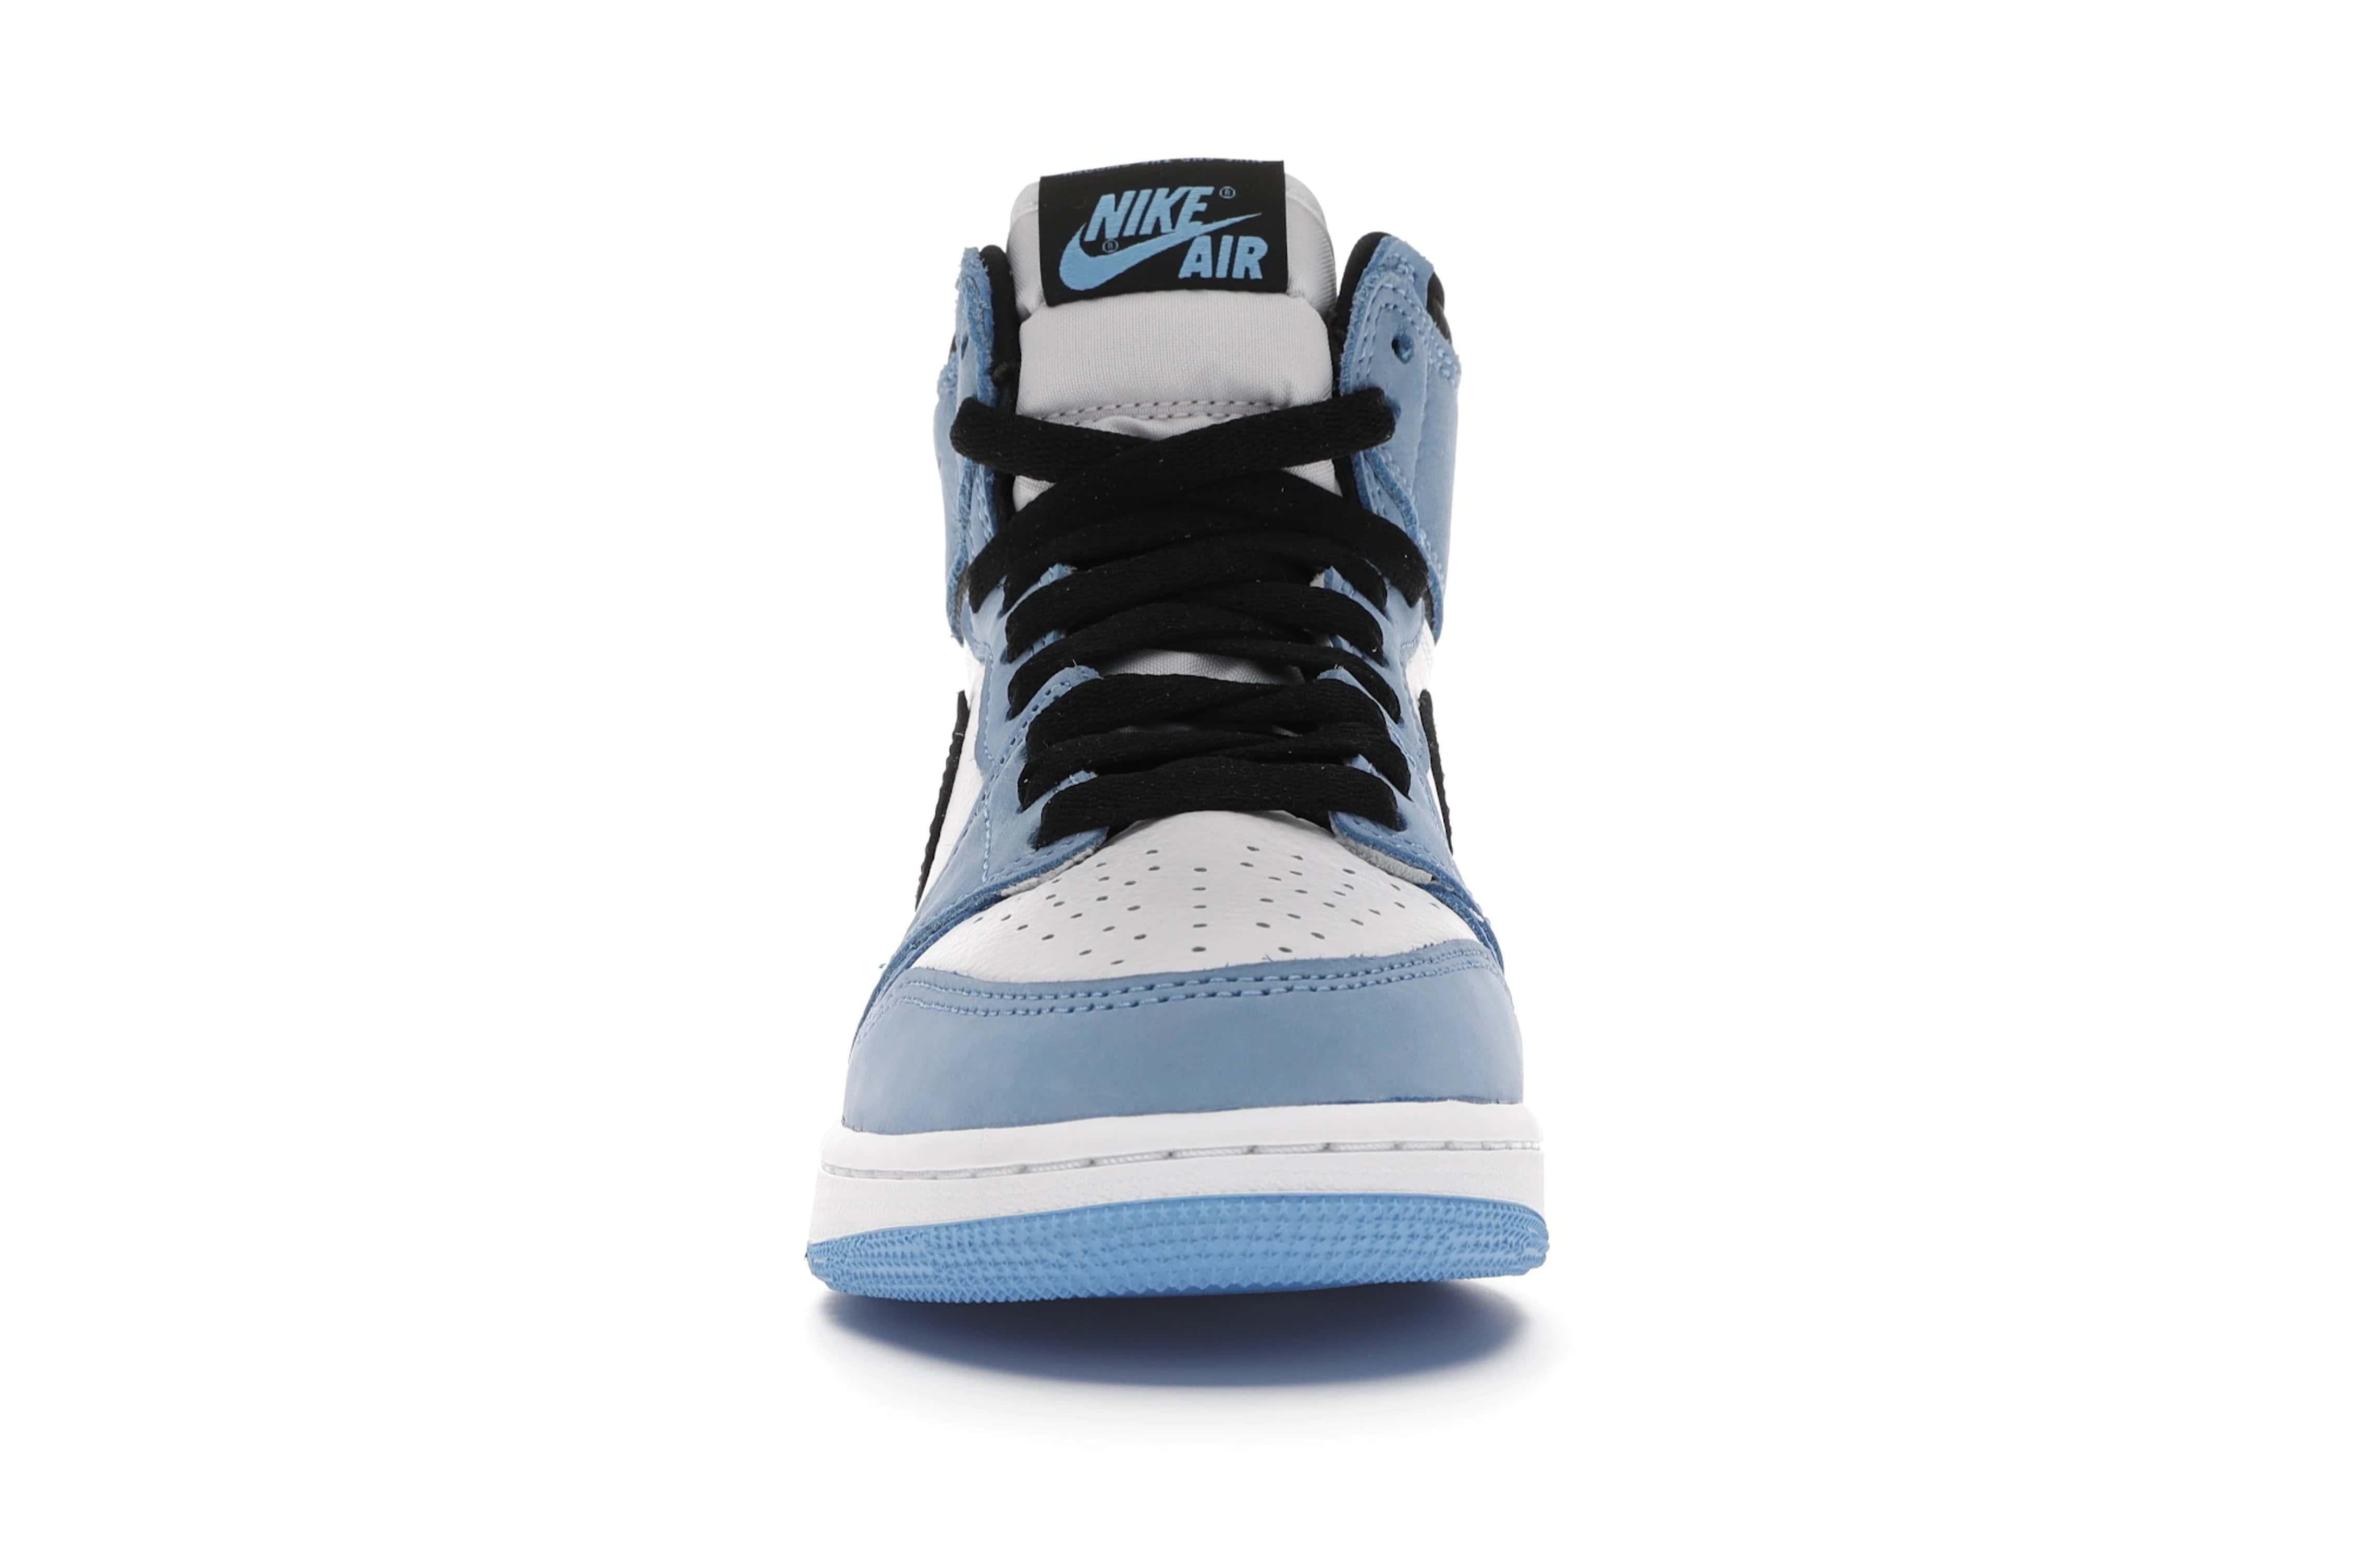 slide 2 - Jordan 1 Retro High White University Blue Black (GS)